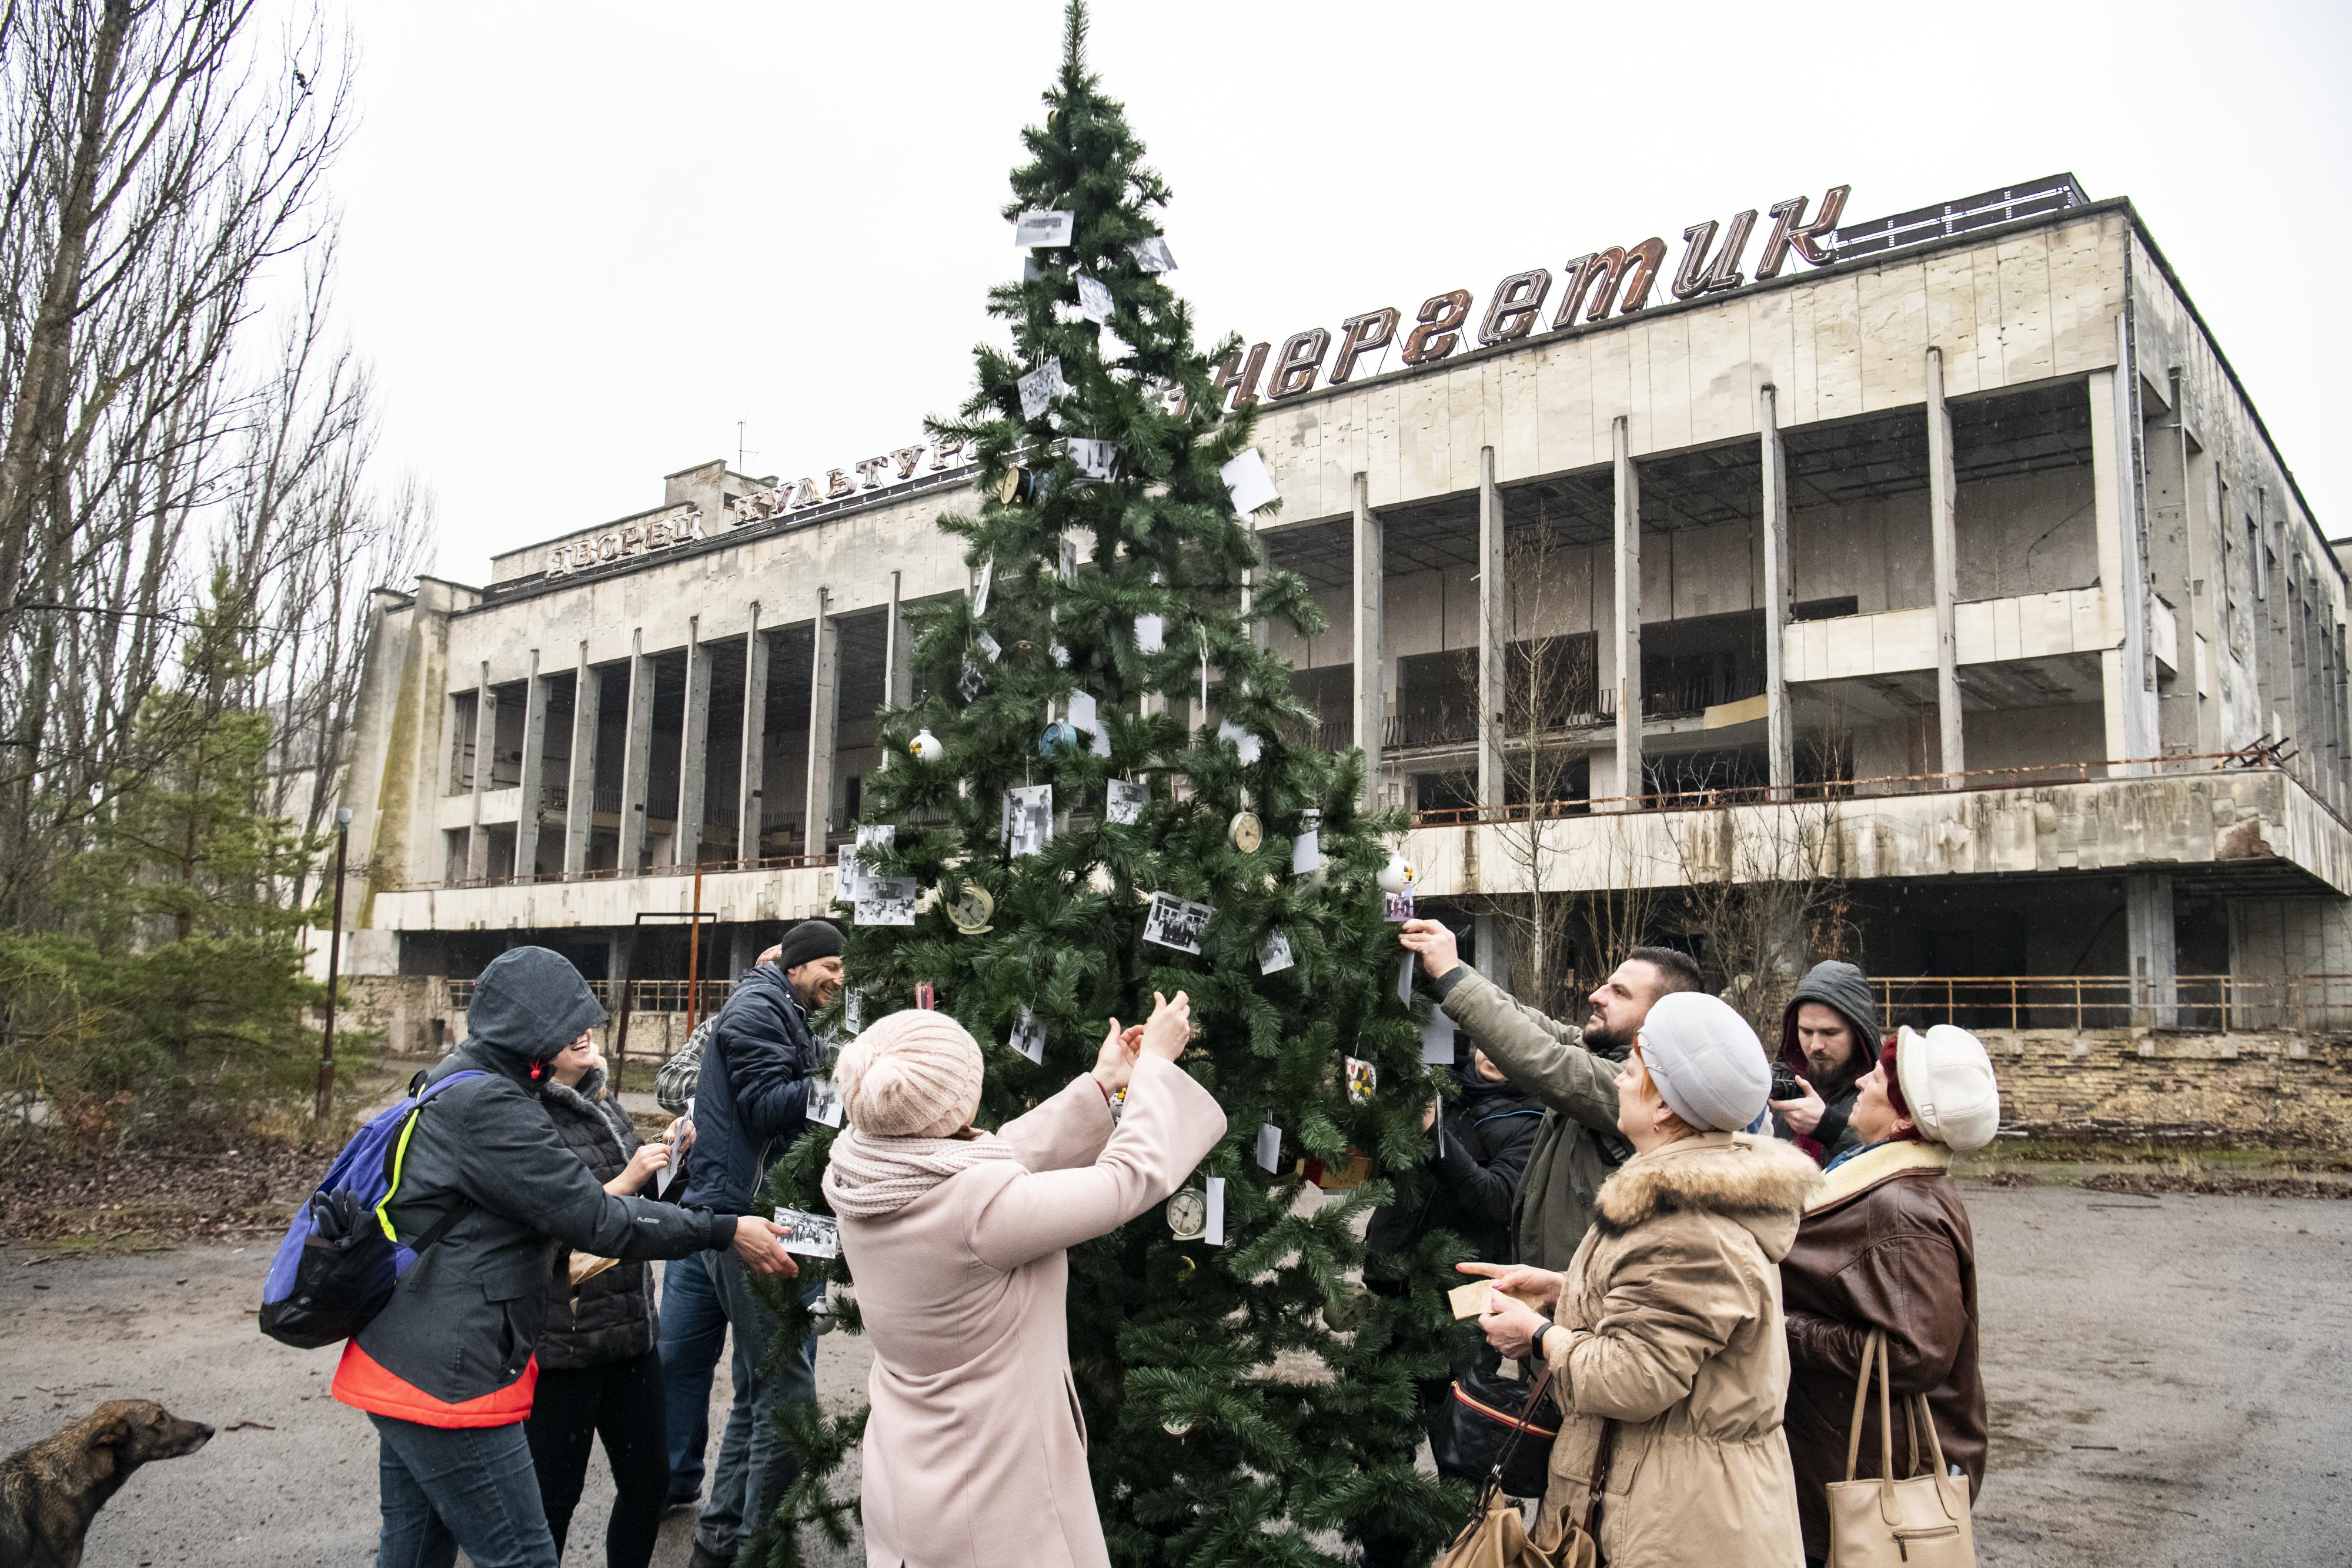 Pripjaty egykori lakói karácsonyfát állítottak a szellemváros főterén